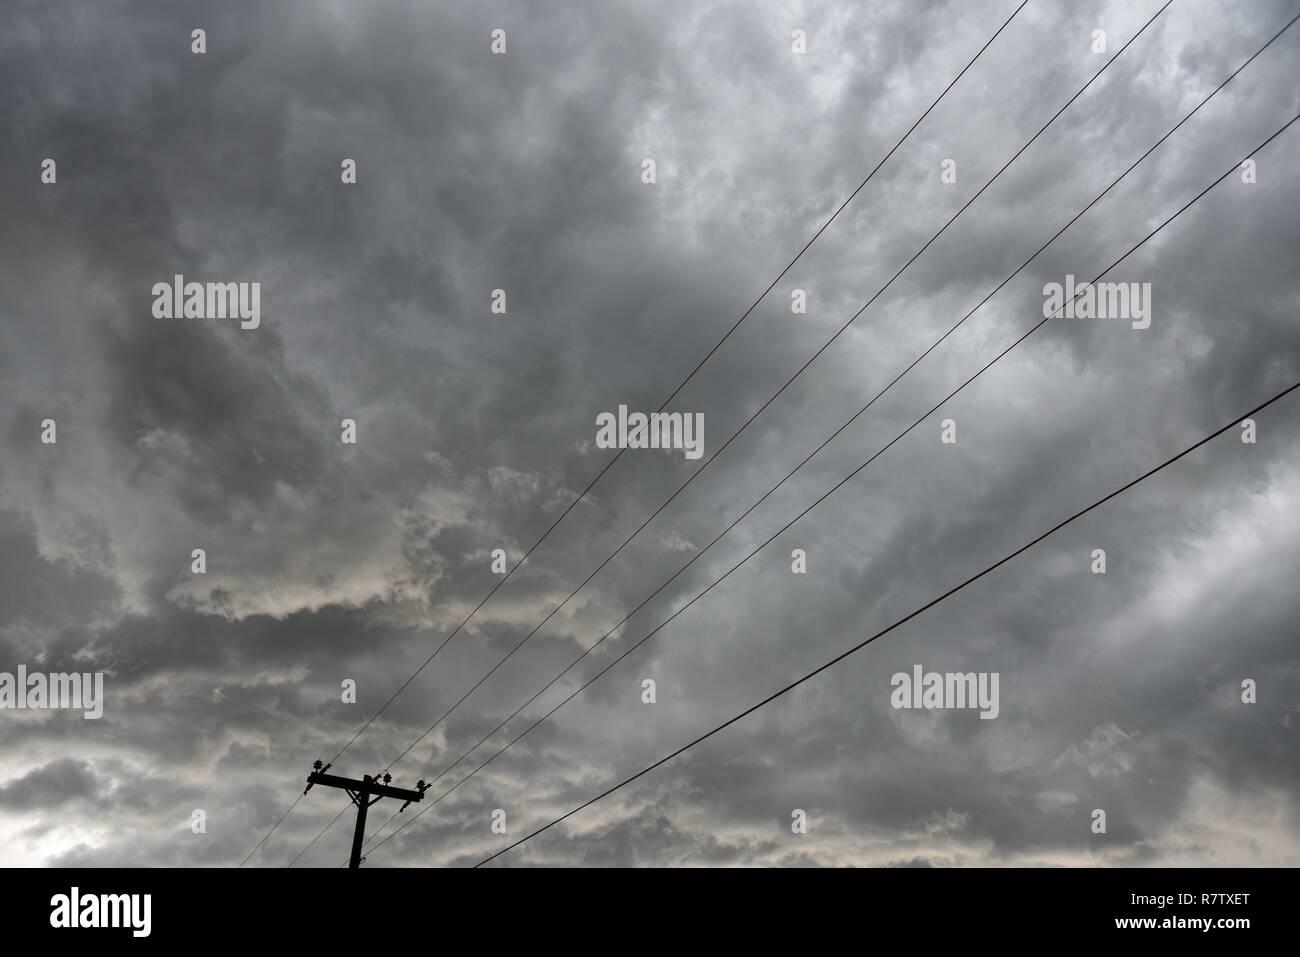 Elektrische Grid Infrastruktur, utility Pole und Overhead Stromleitungen gegen den blauen Himmel und Wolken in Wyoming/USA. Stockfoto